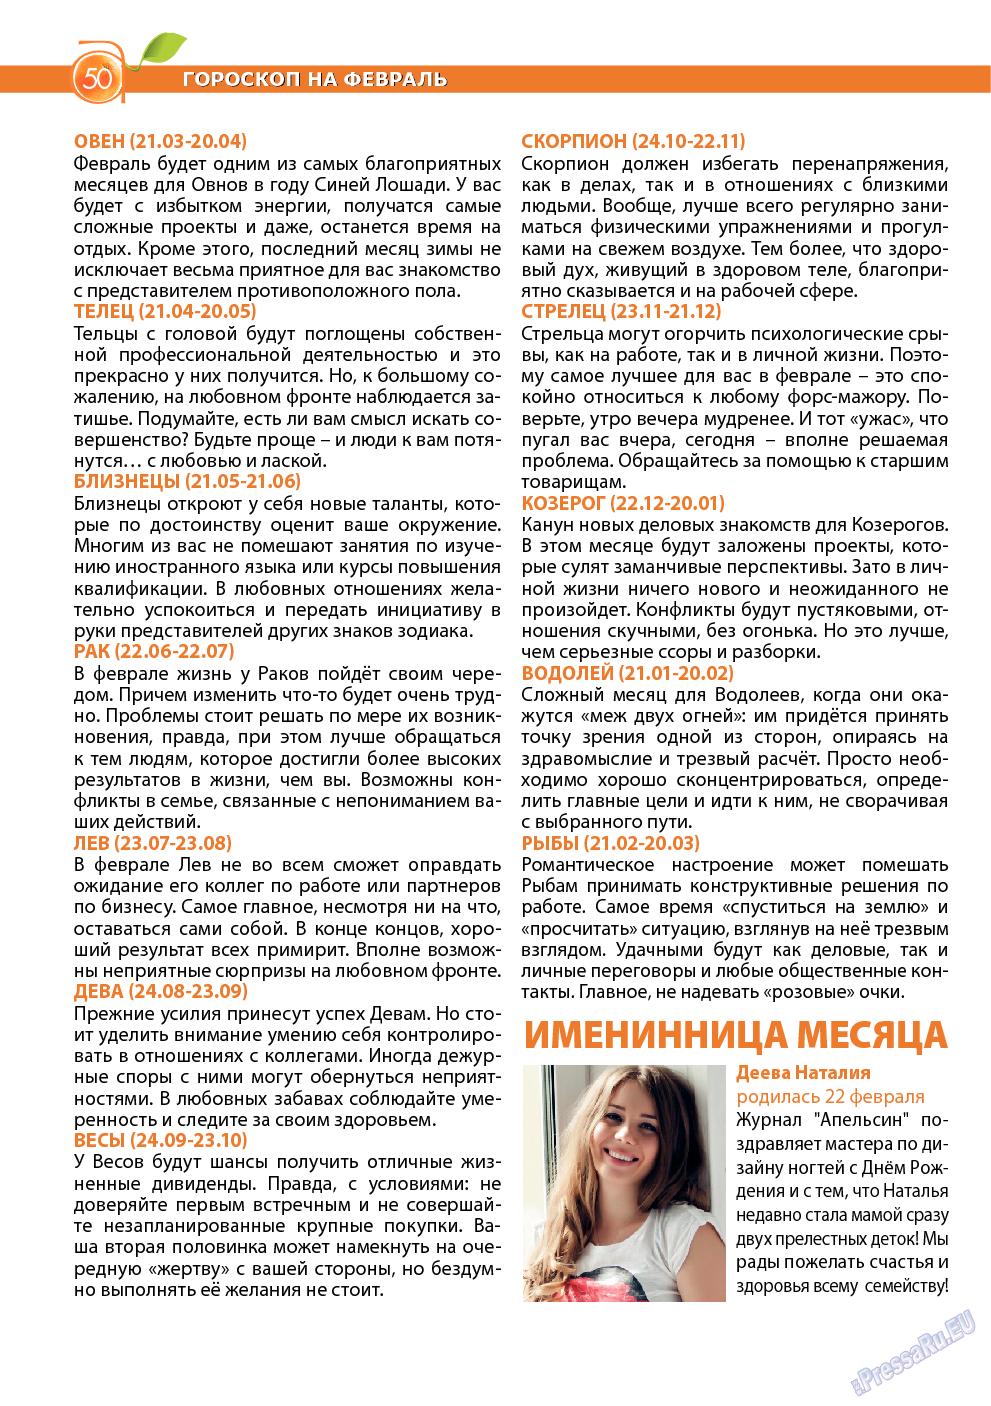 Апельсин (журнал). 2014 год, номер 55, стр. 48